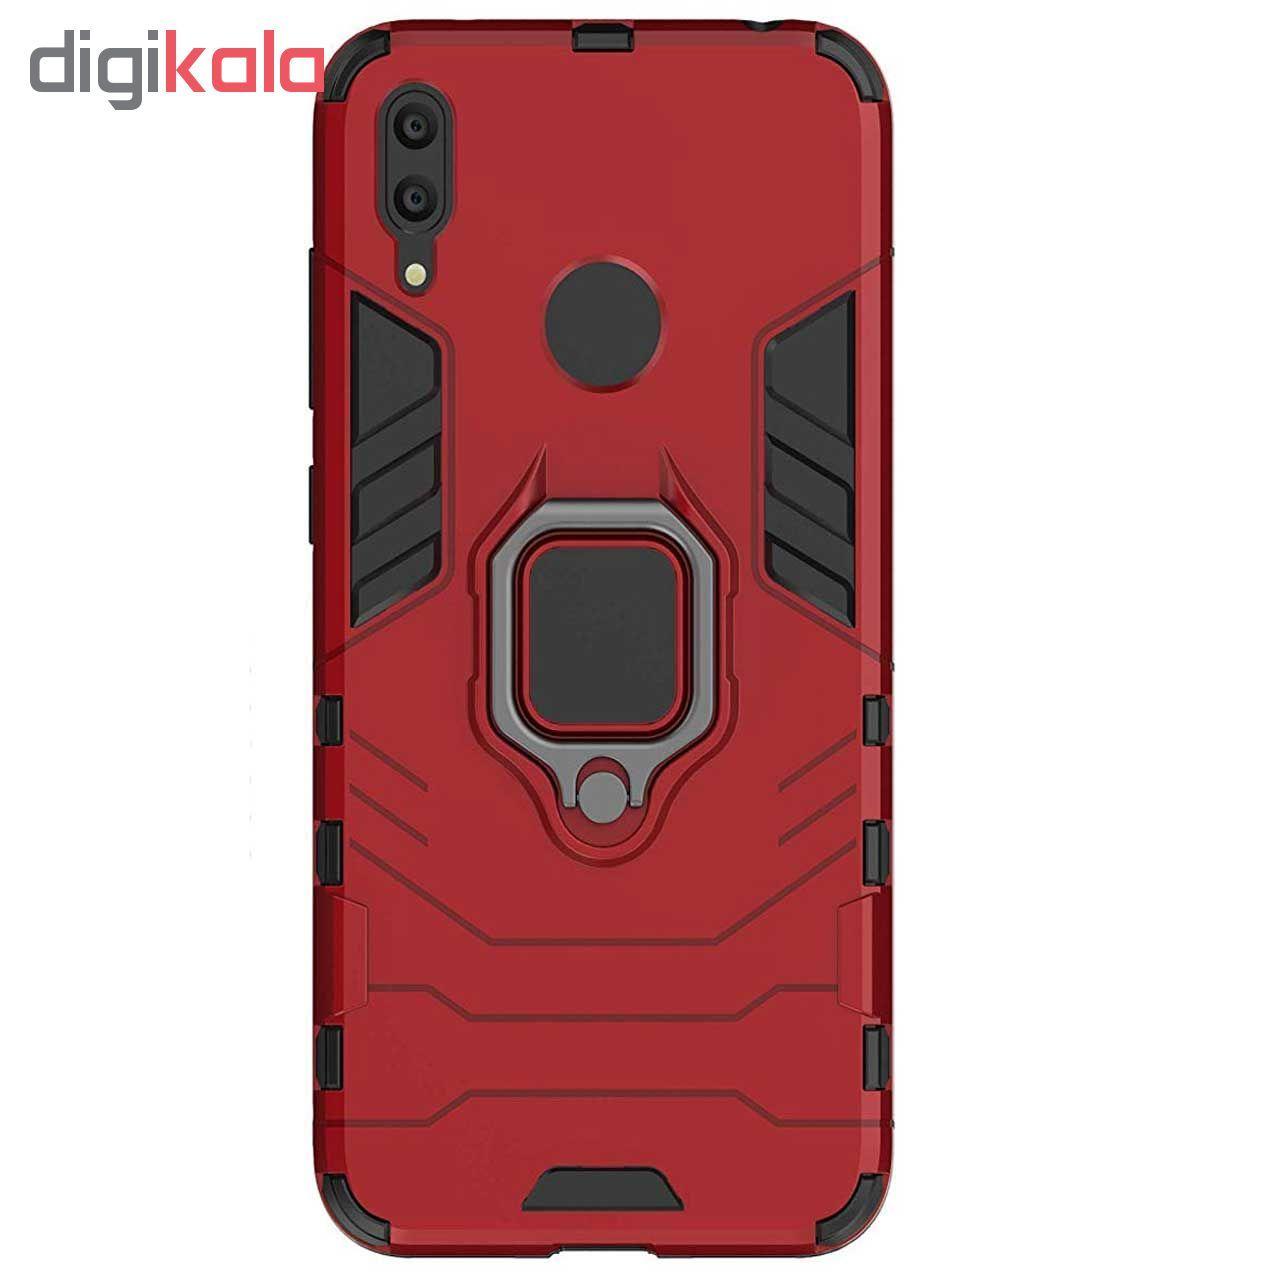 کاور کینگ کونگ مدل GHB01 مناسب برای گوشی موبایل هوآوی Y9 2019 main 1 9